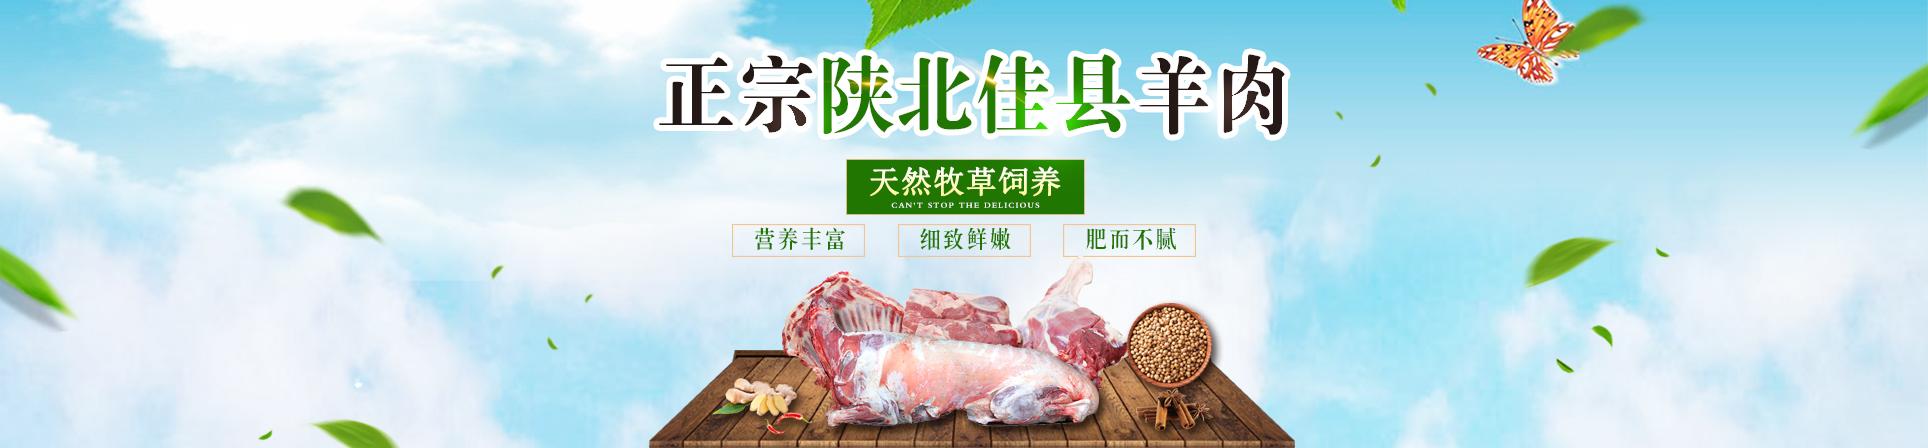 佳县瑞兴种羊